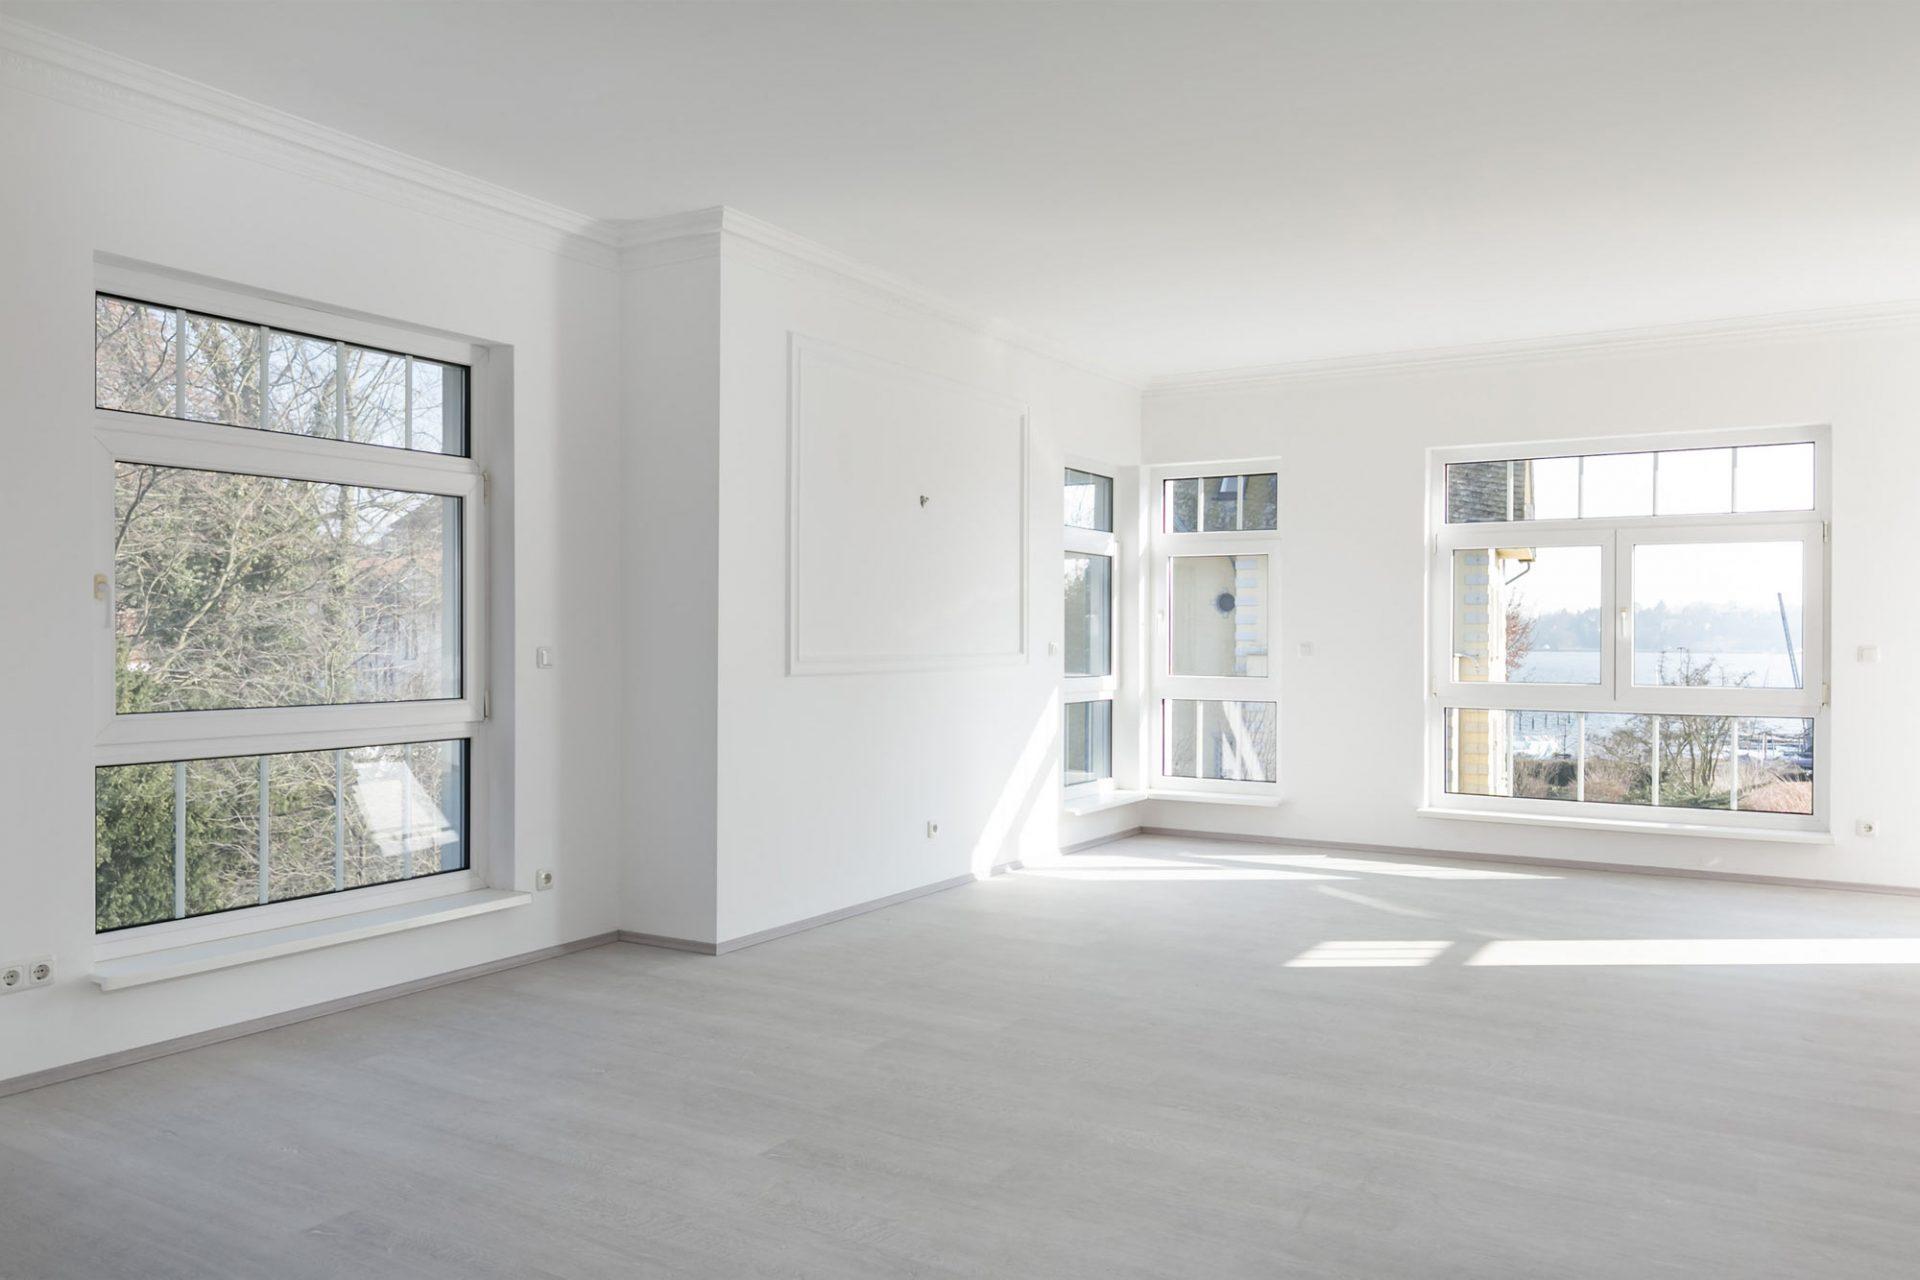 Immobilienfotograf Wannsee Der Traum Vom Eigenheim